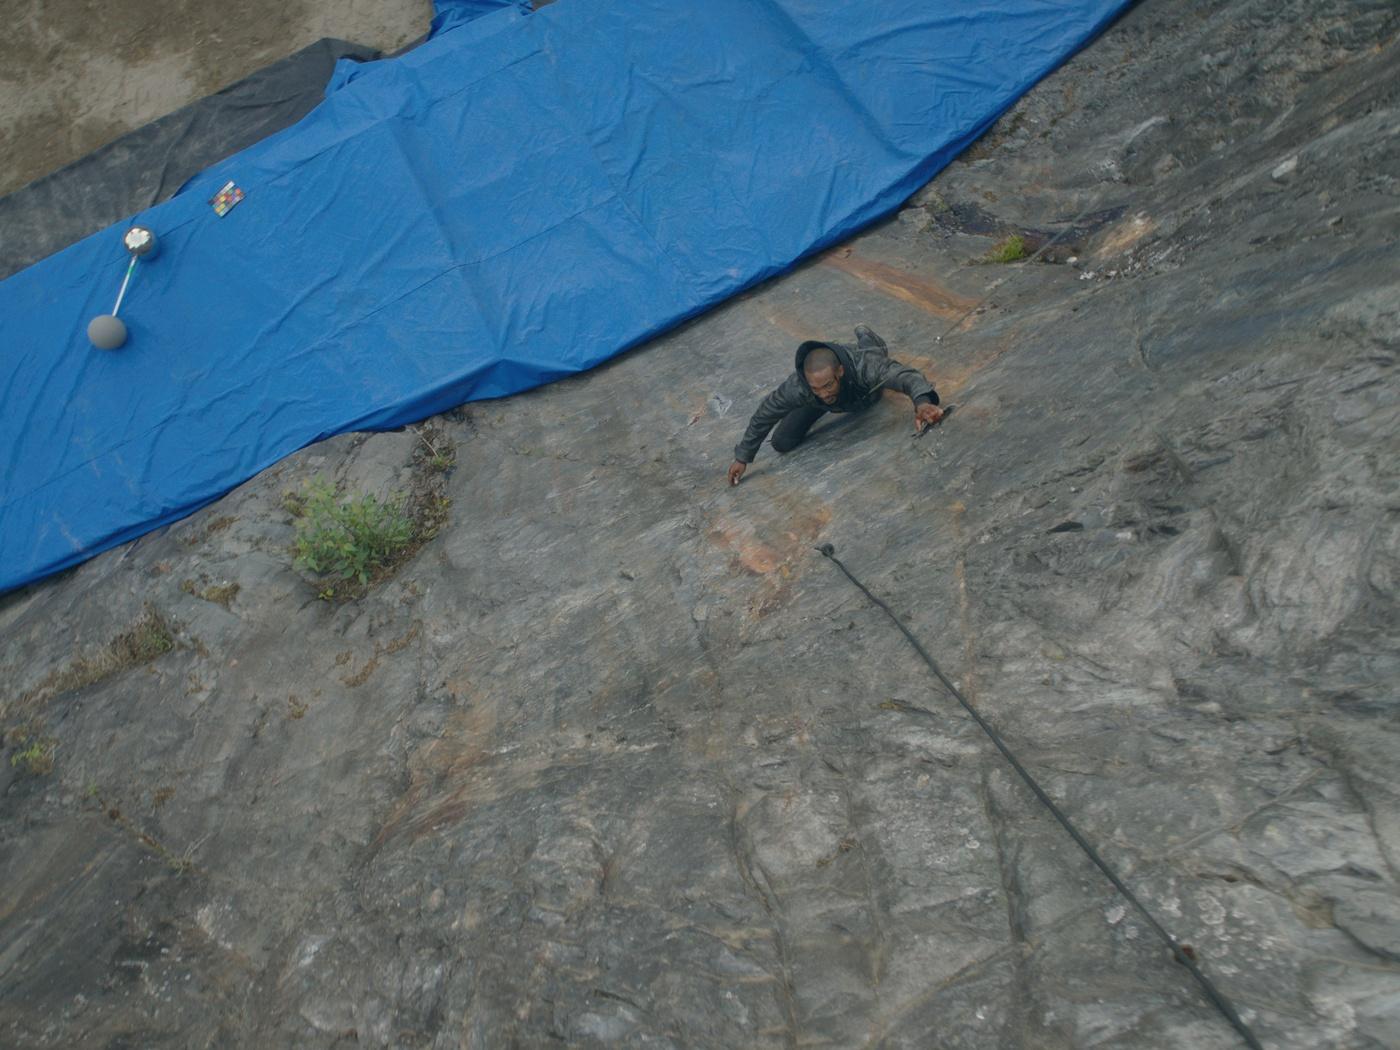 rock climbing cgi effects blue screen